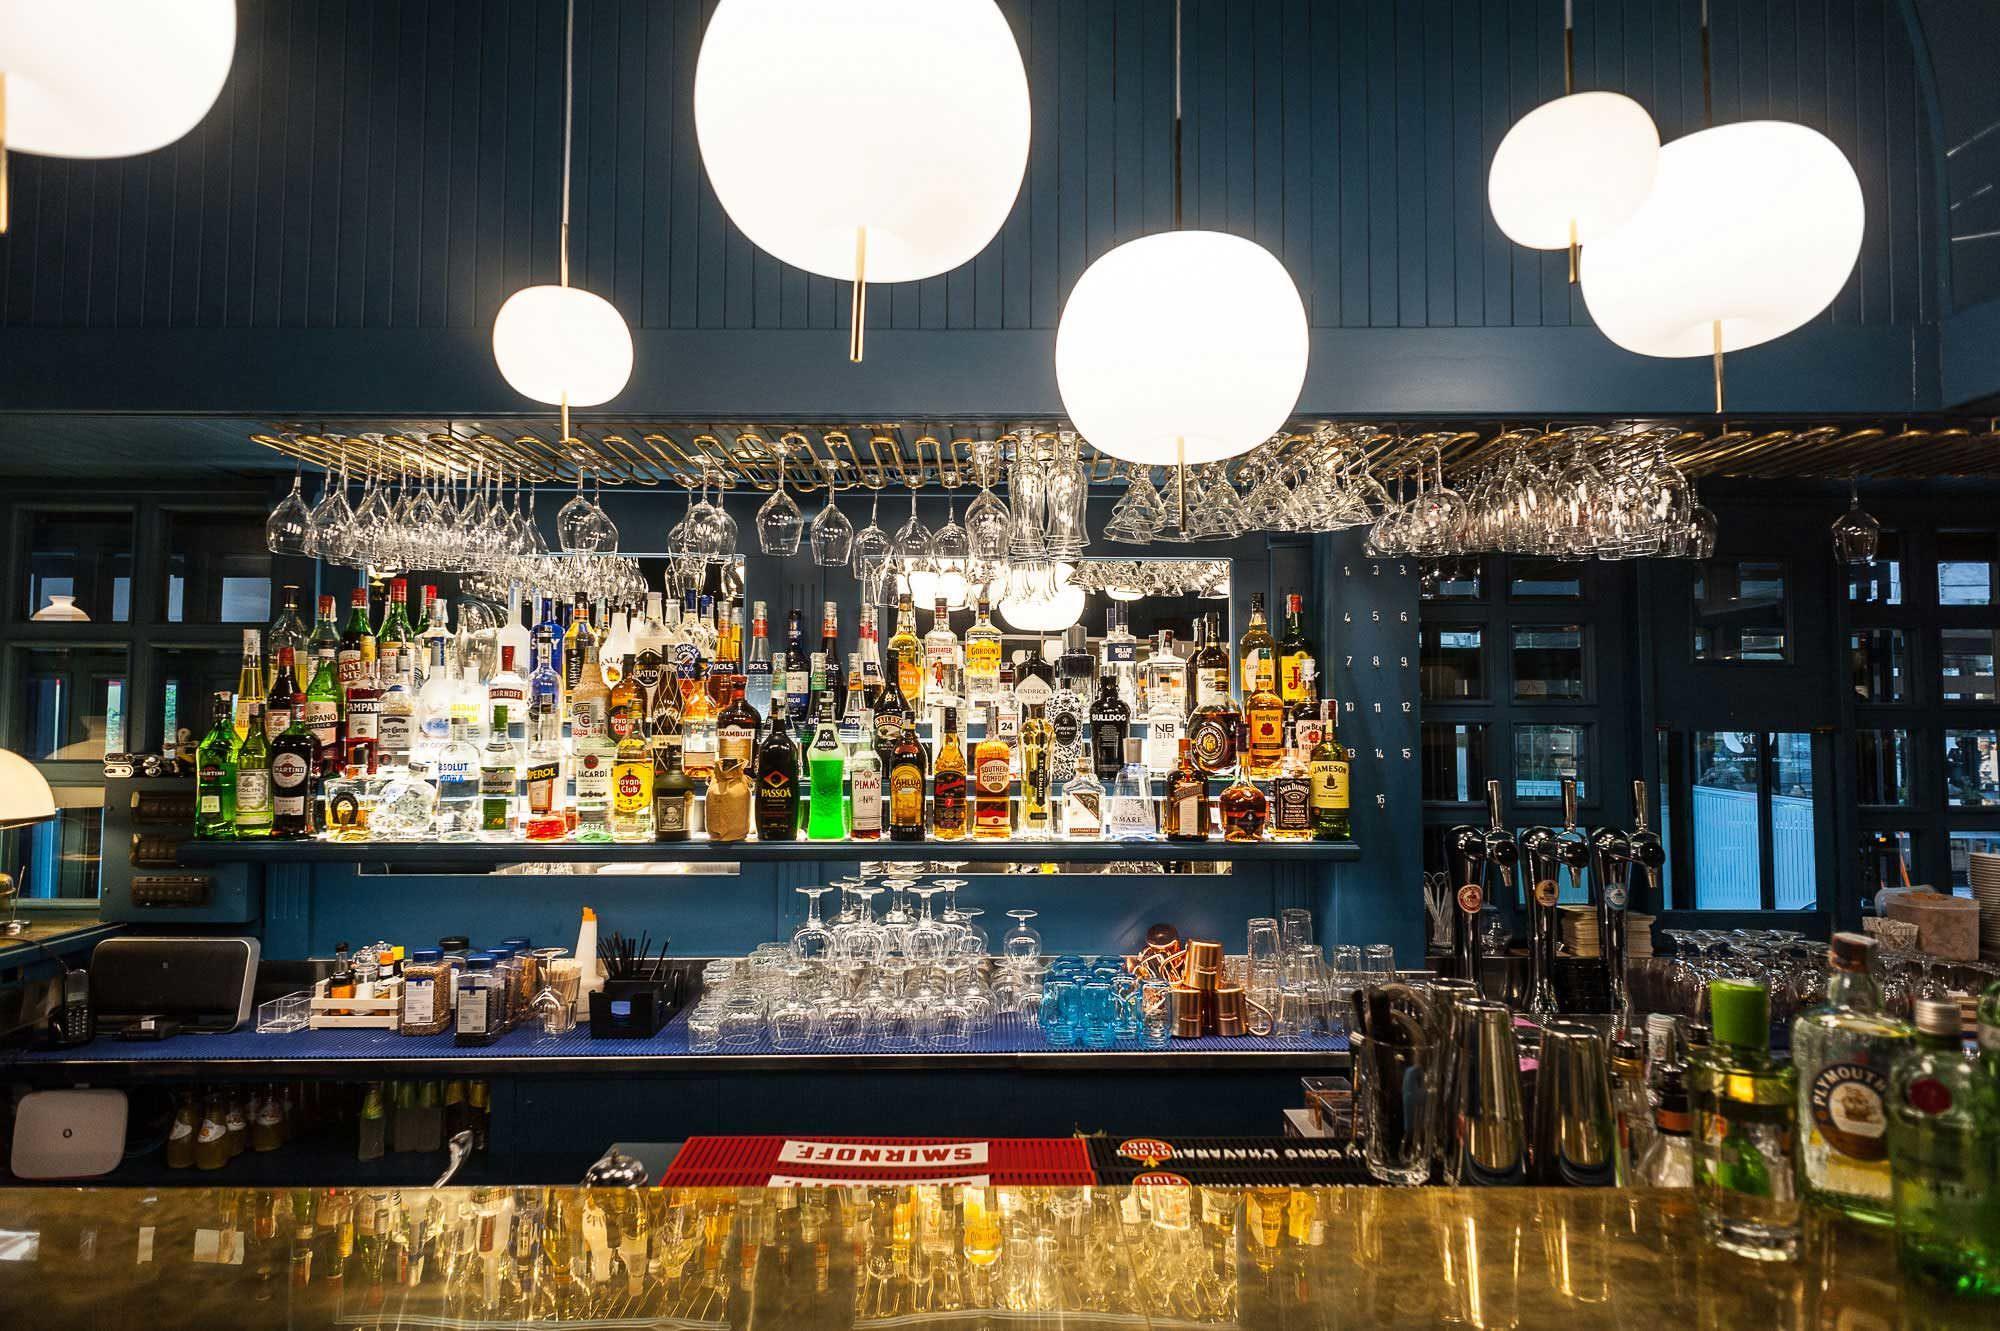 Marpione burger & bar –  Servizio fotografico